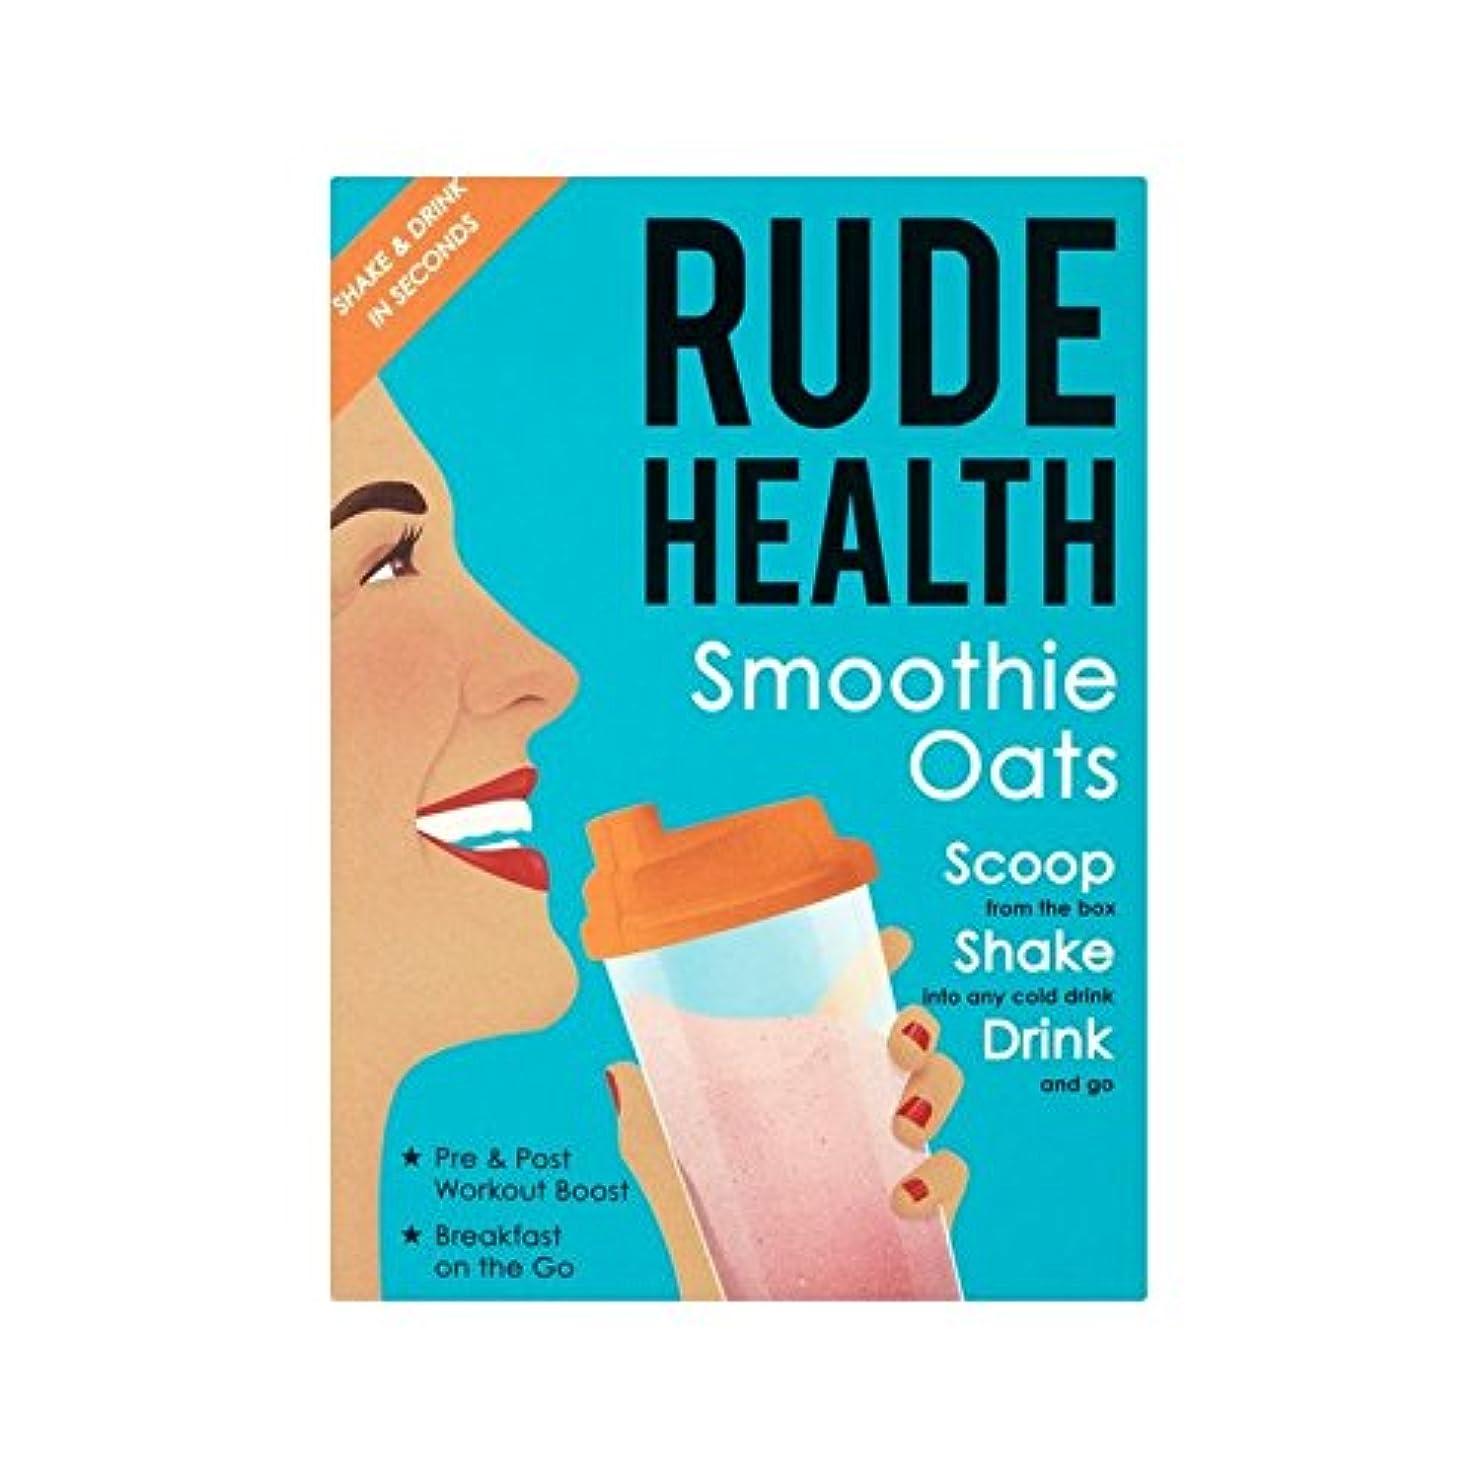 秋生きるリズミカルなスムージーオート麦250グラム (Rude Health) (x 6) - Rude Health Smoothie Oats 250g (Pack of 6) [並行輸入品]